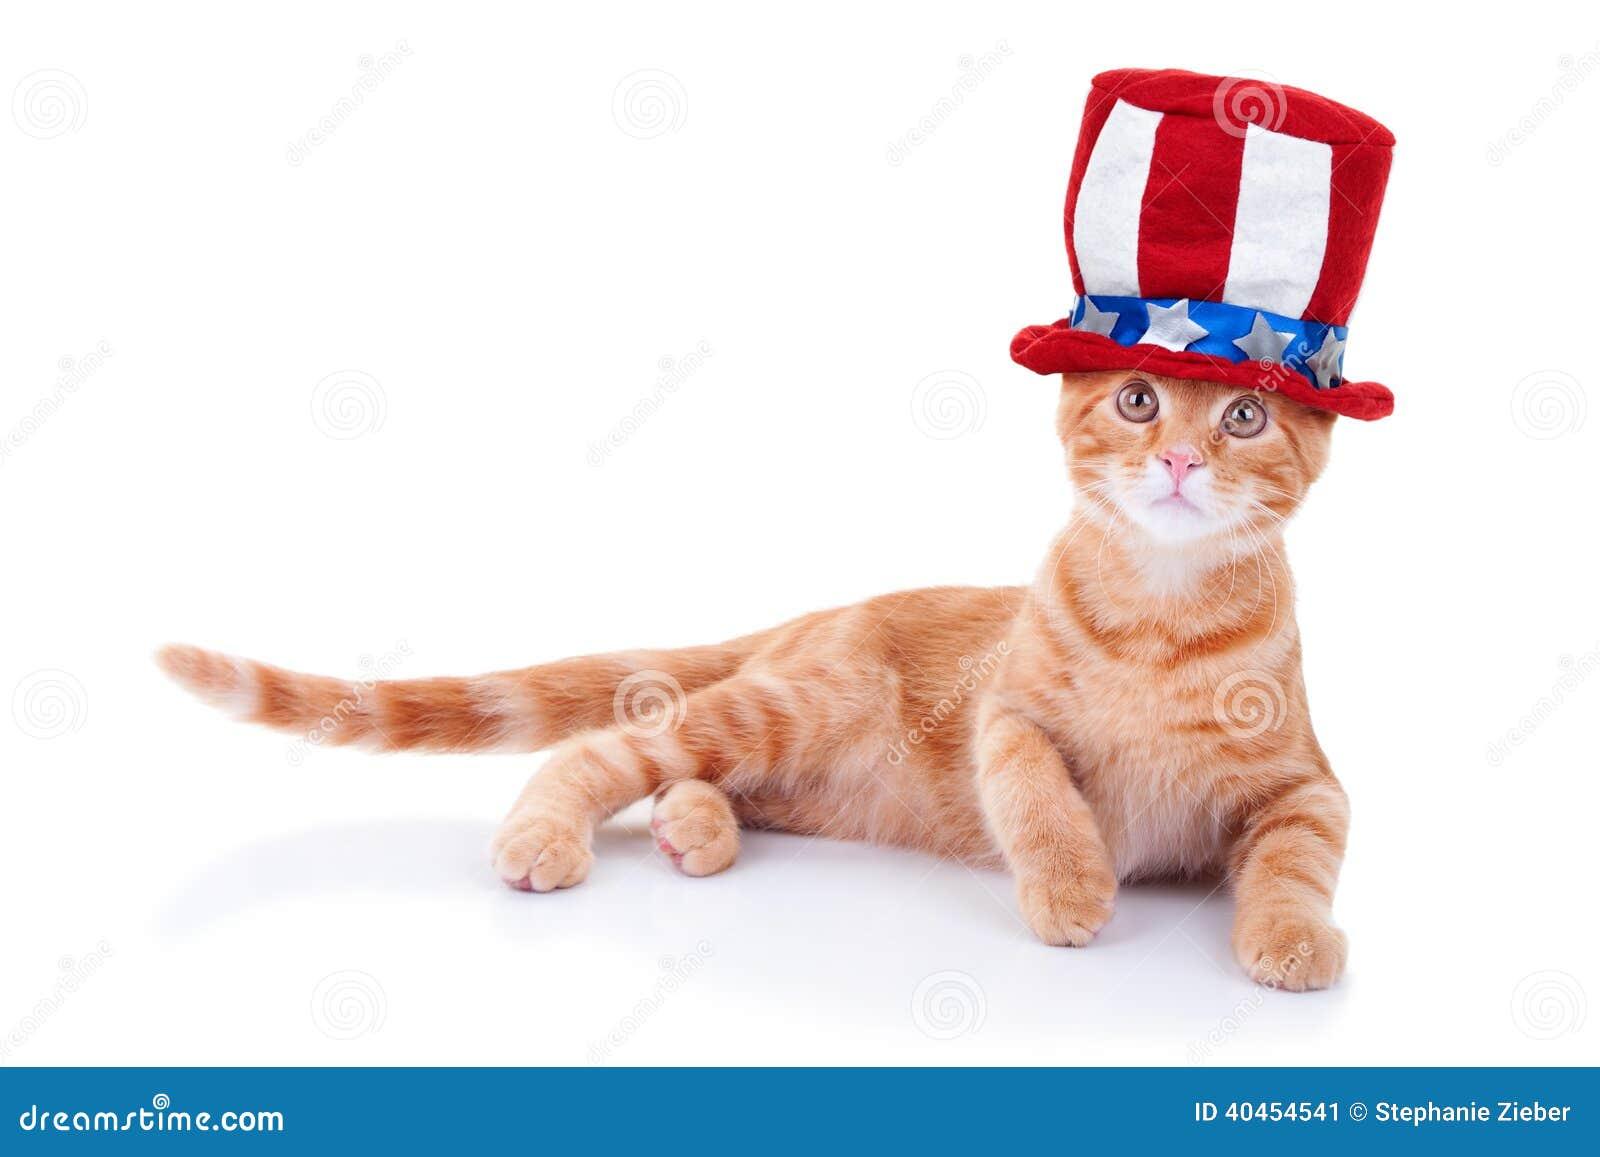 Patriotic Cat